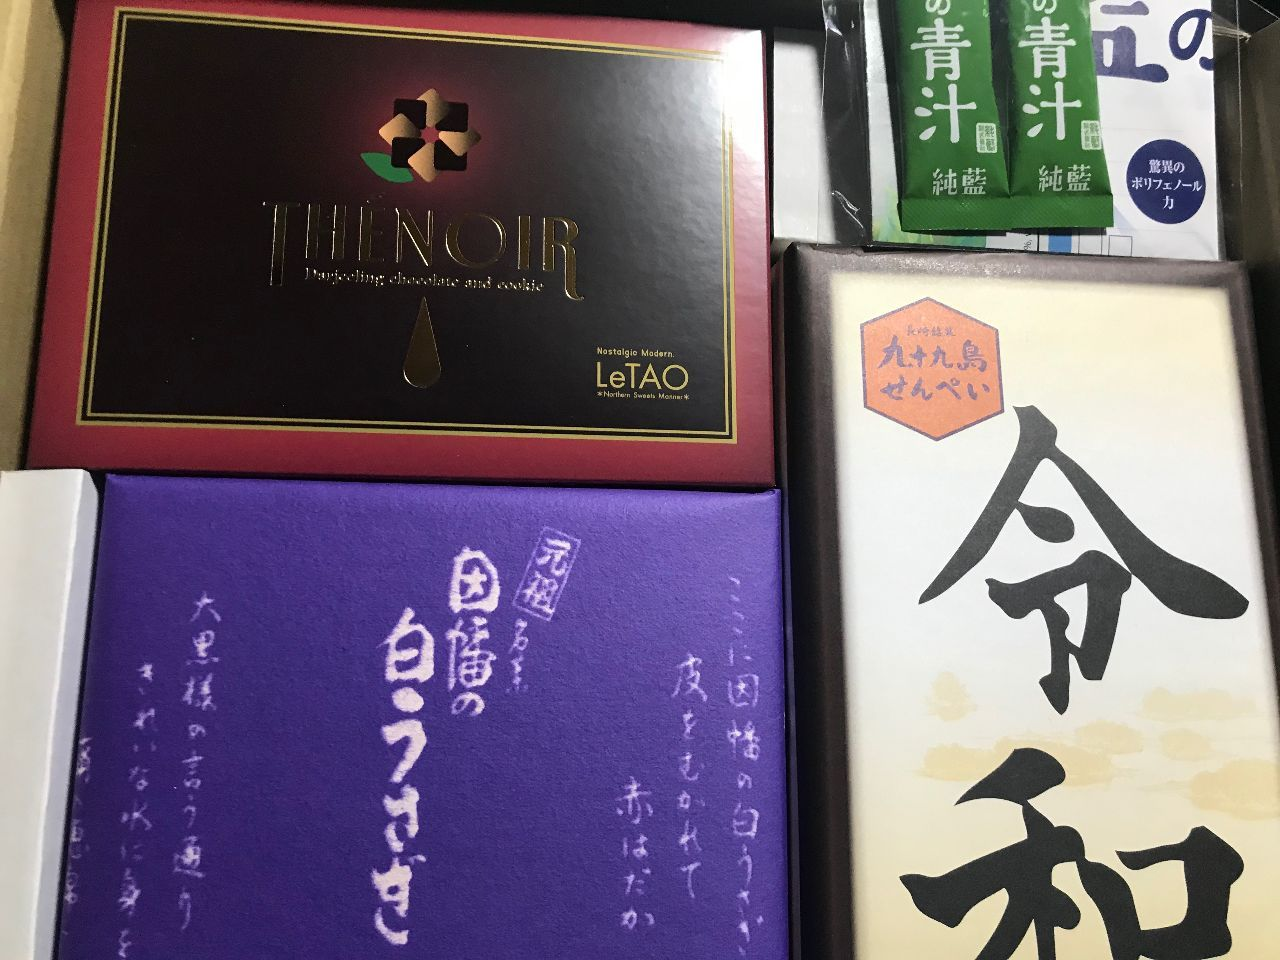 2222 - 寿スピリッツ(株) 【 株主優待 到着 】 (100株) 2,000円相当の自社グループ製品 -。